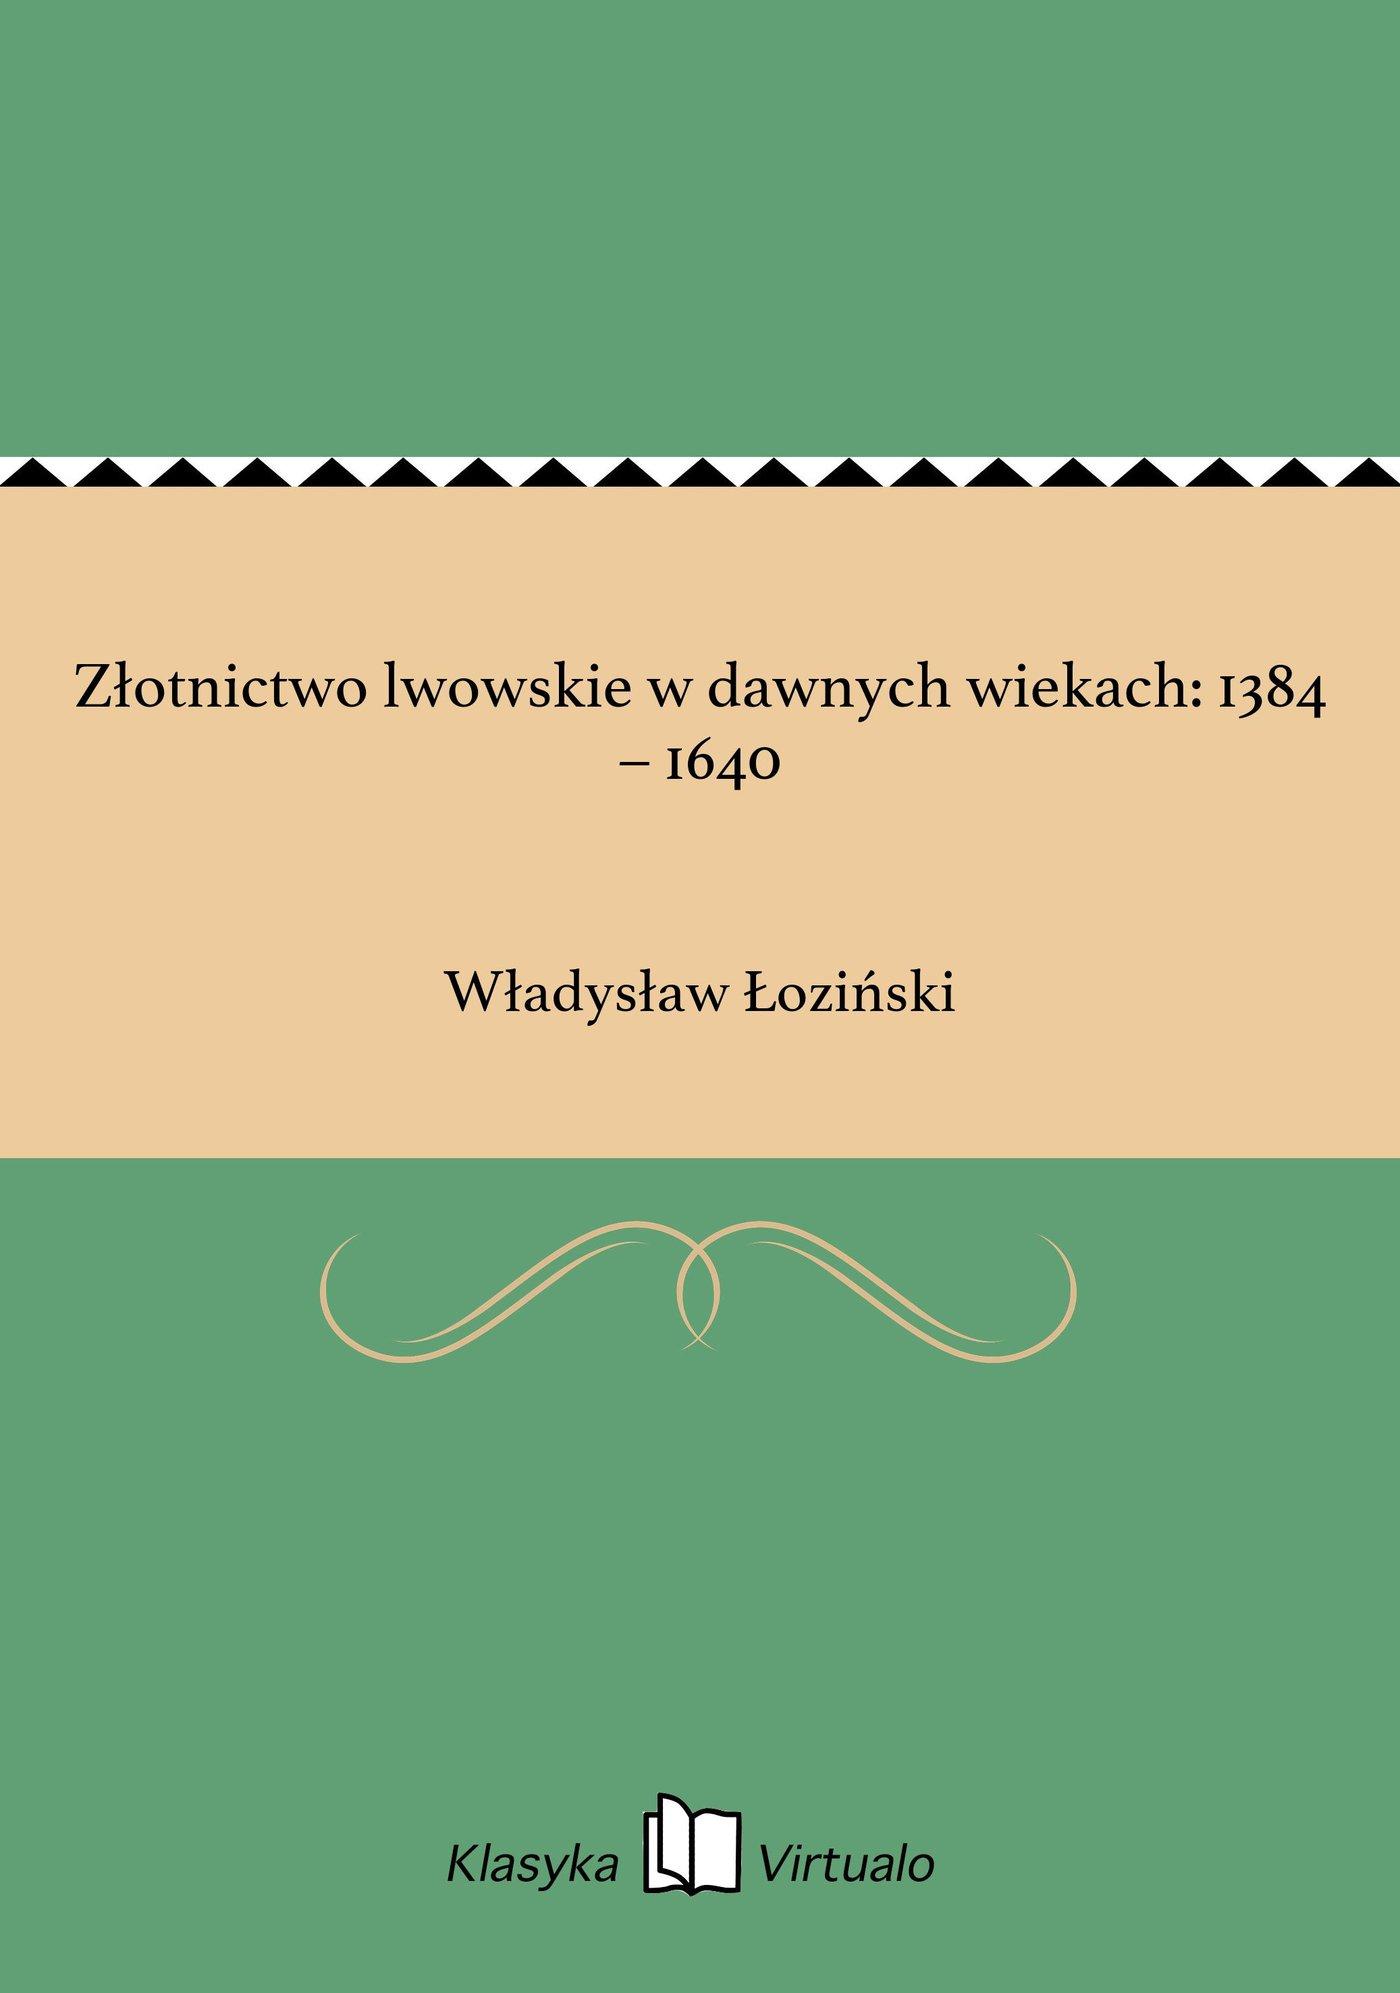 Złotnictwo lwowskie w dawnych wiekach: 1384 – 1640 - Ebook (Książka EPUB) do pobrania w formacie EPUB